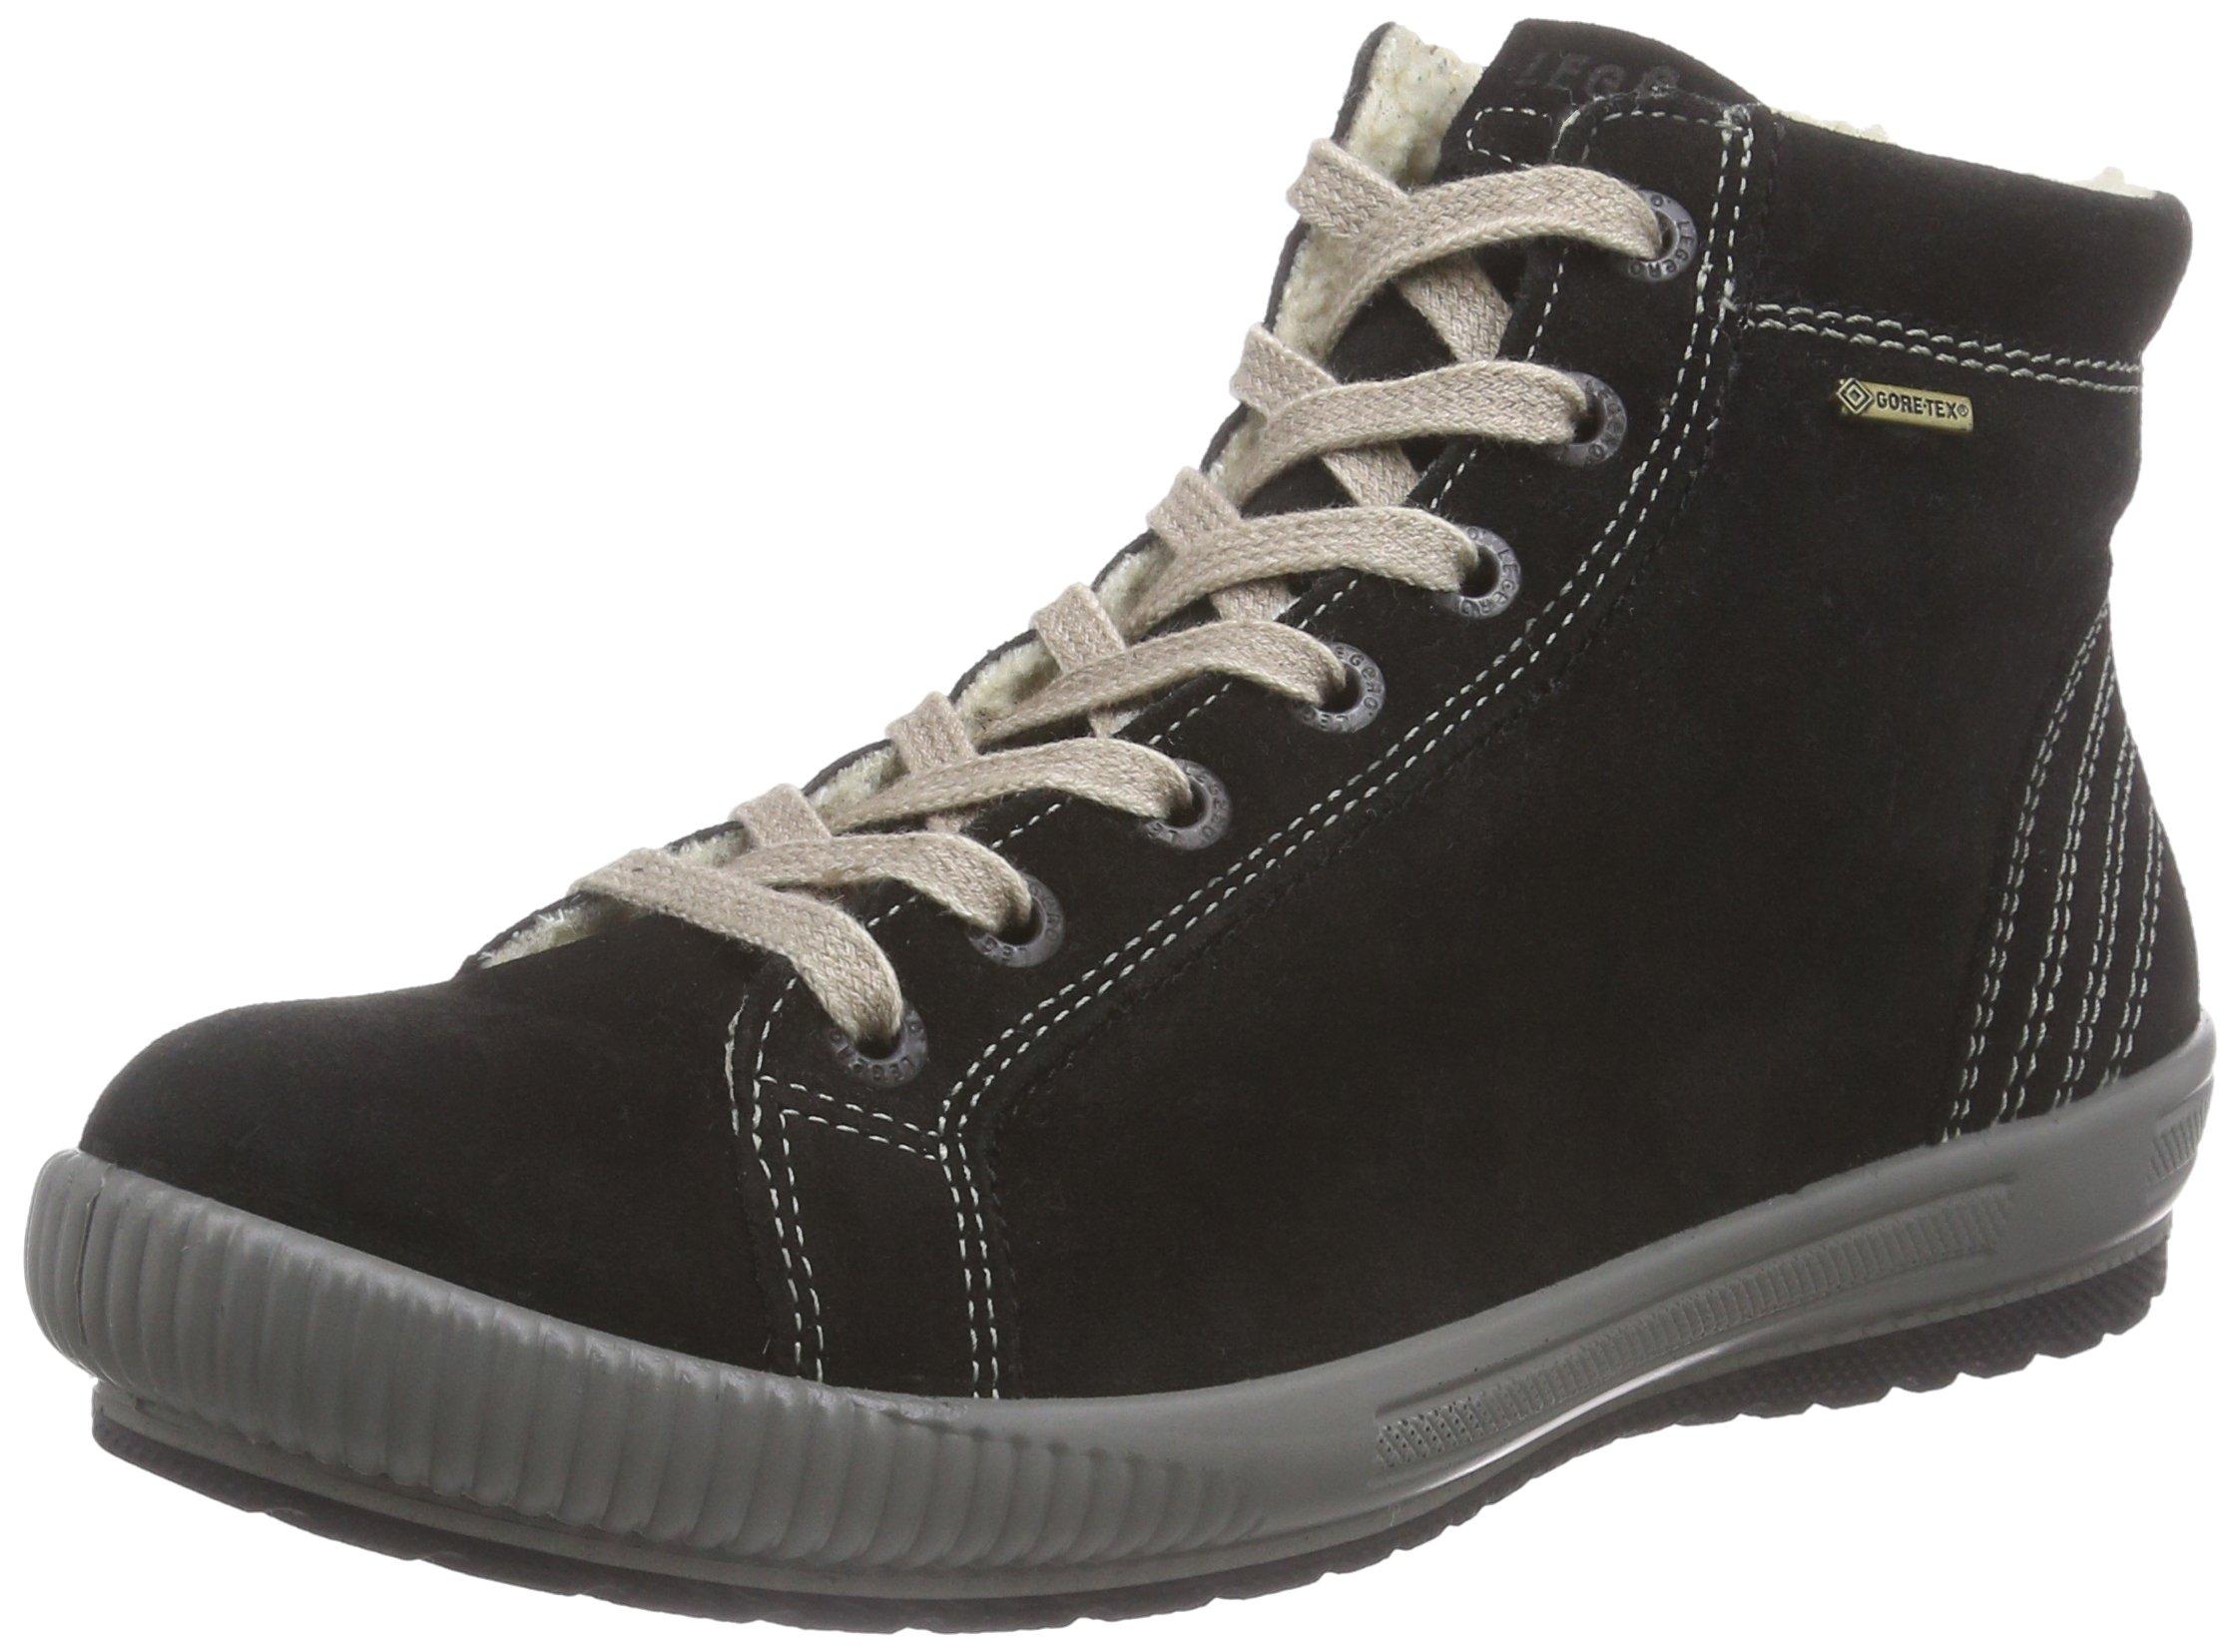 Legero Eu TanaroSneakers Hautes FemmeNoirschwarz 0038 OPZiuwkXT